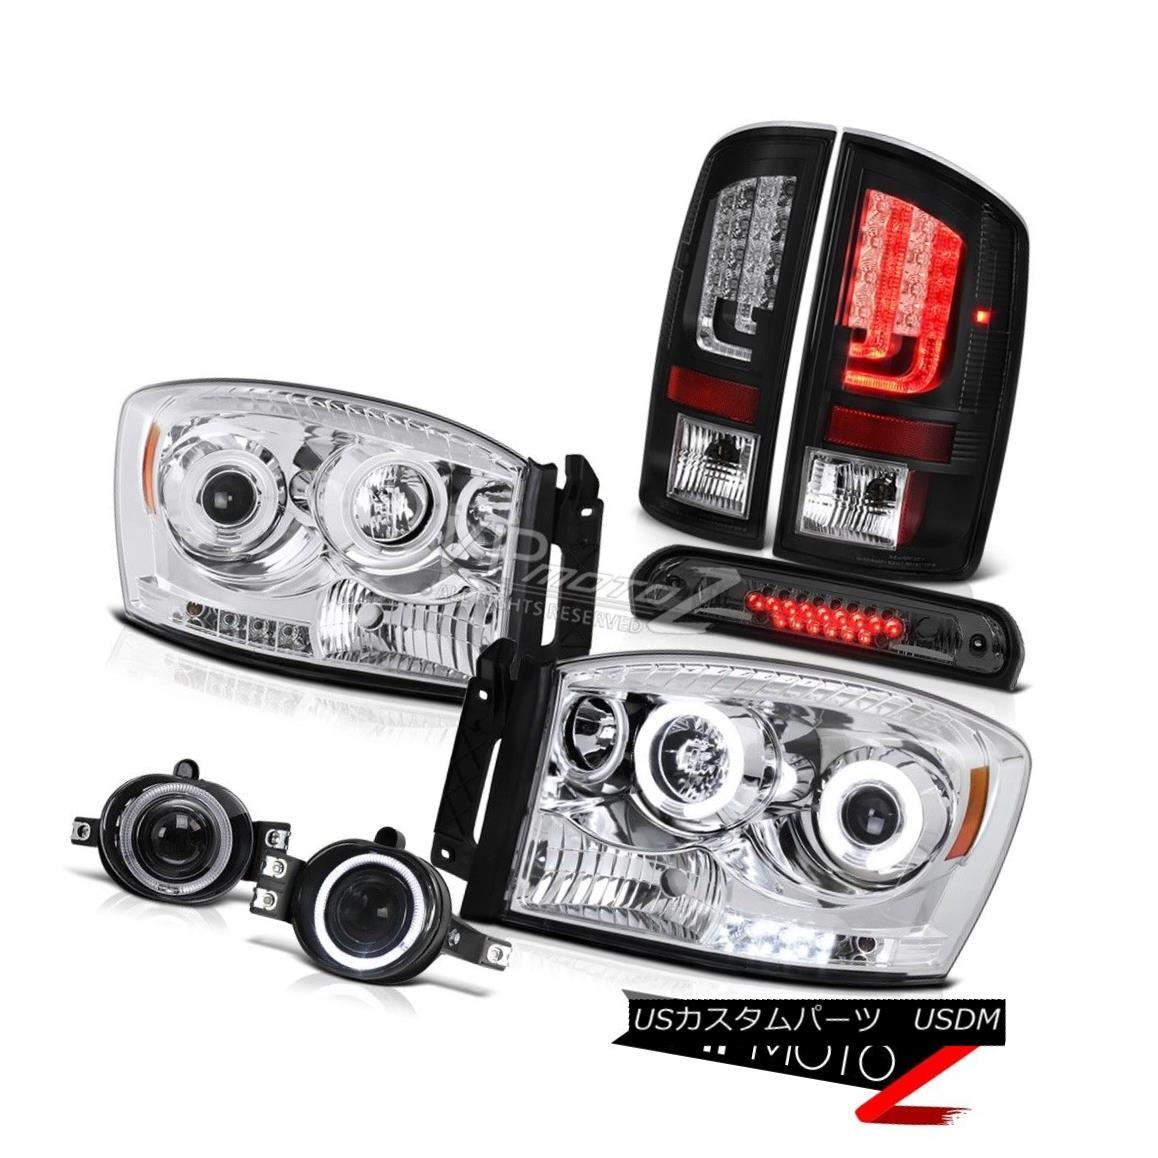 ヘッドライト 07-09 Dodge Ram 2500 3500 ST Rear Brake Lamps Headlamps Fog 3RD Light LED NeweST 07-09 Dodge Ram 2500 3500 STリアブレーキランプヘッドランプフォグ3RDライトLED NeweST